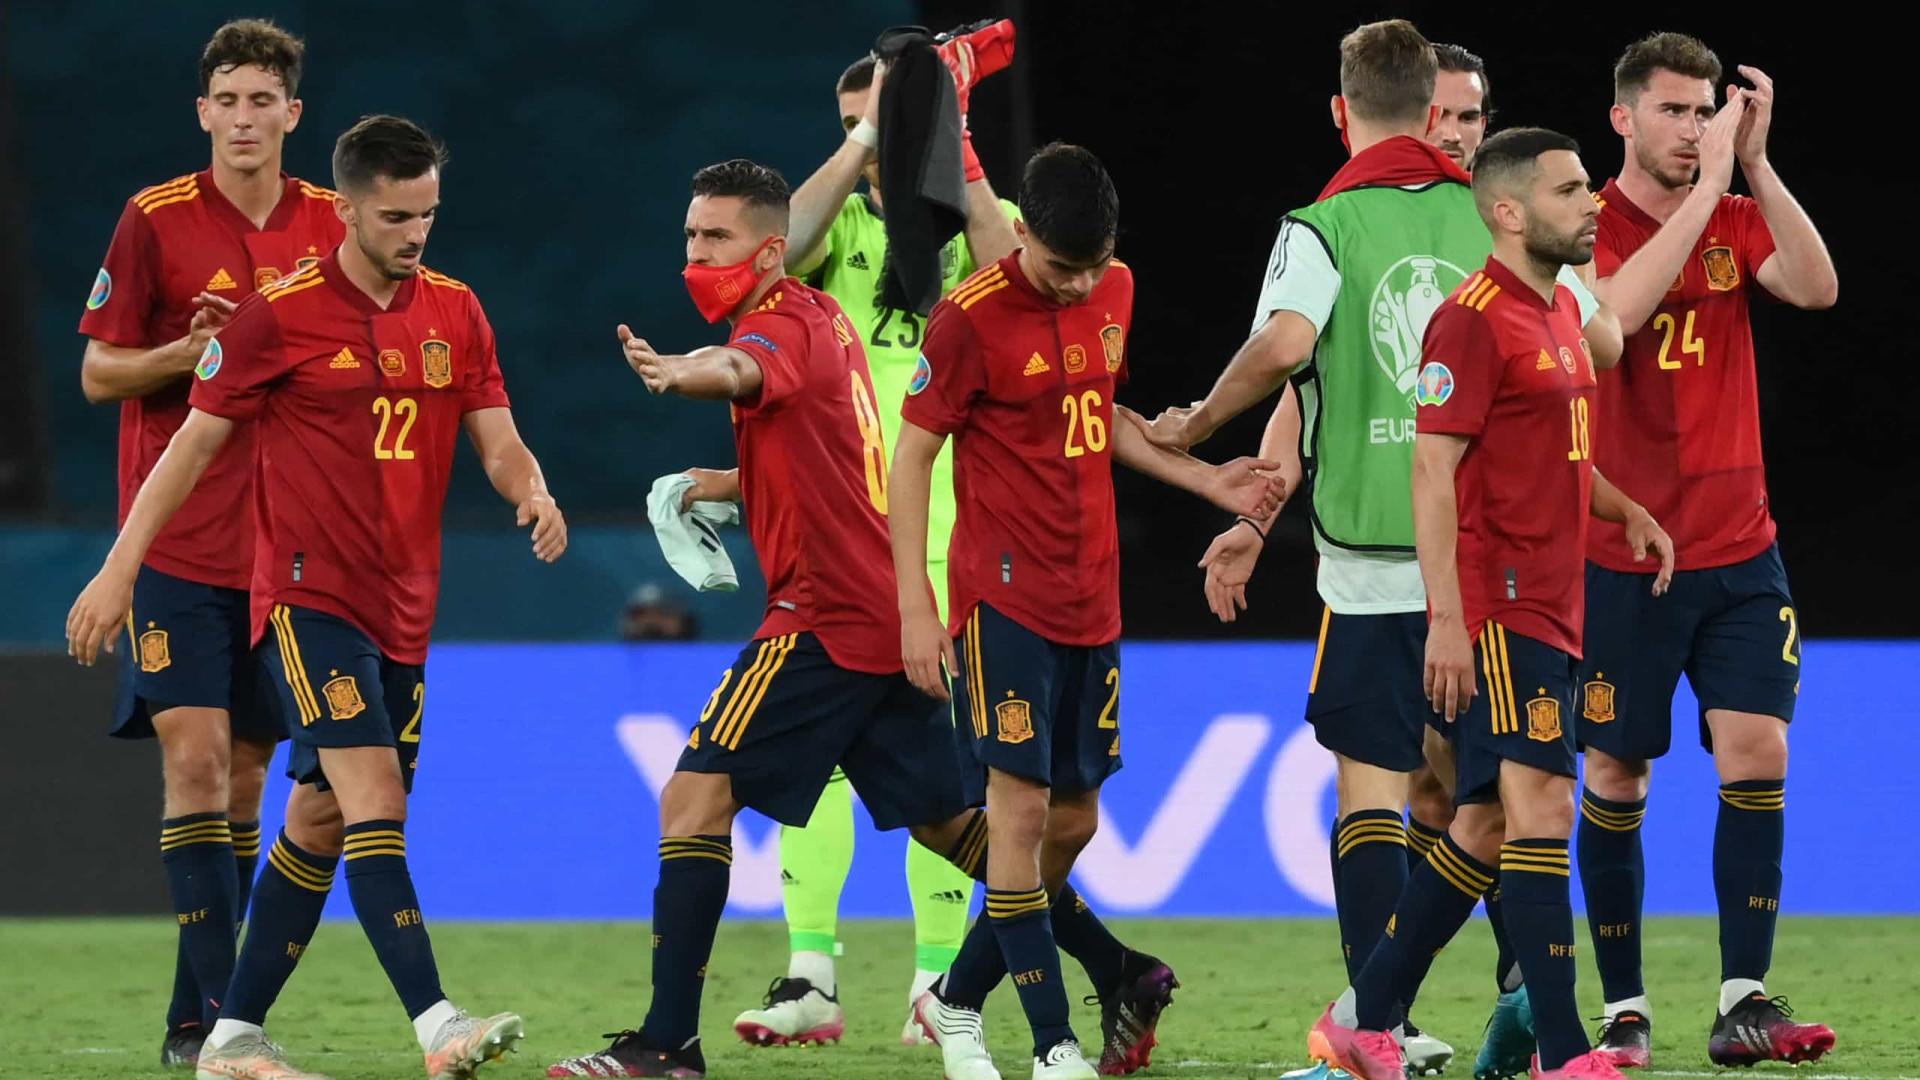 Espanha para no goleiro Szczesny e empata com a Polônia na Eurocopa